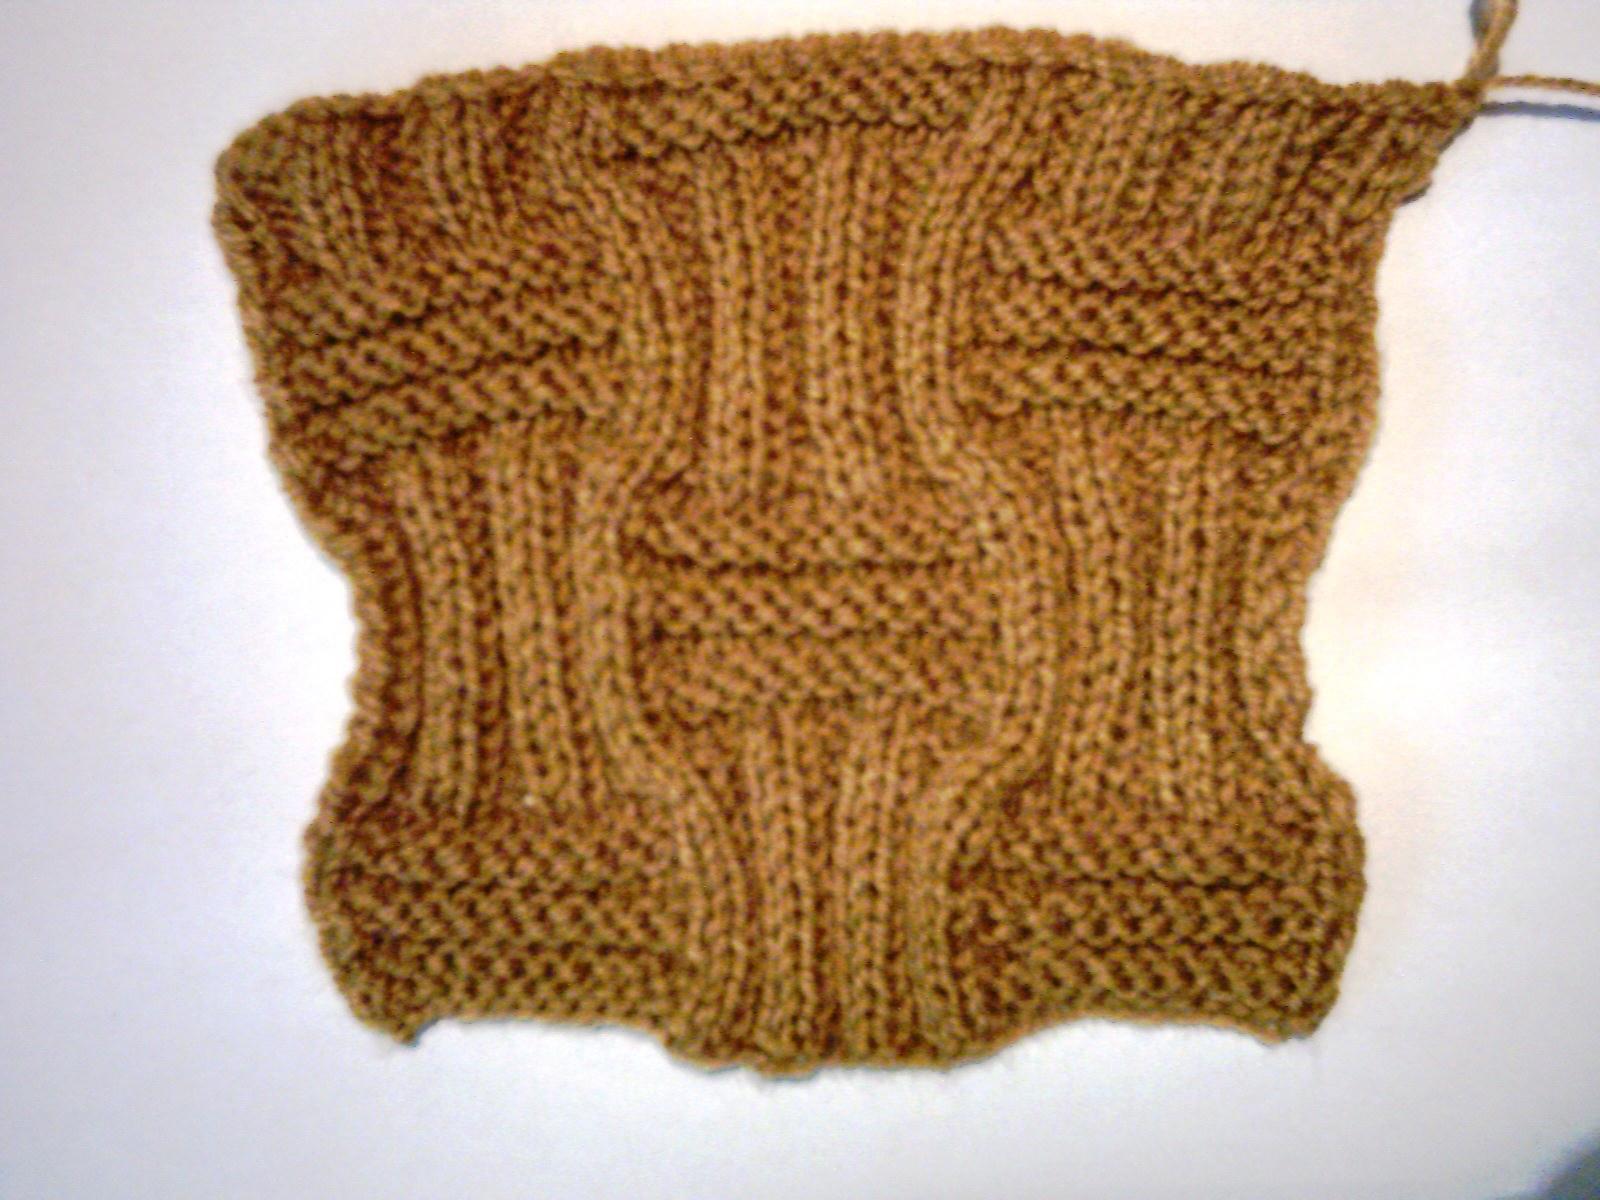 Schema De Tricotat Este Urmatoarea